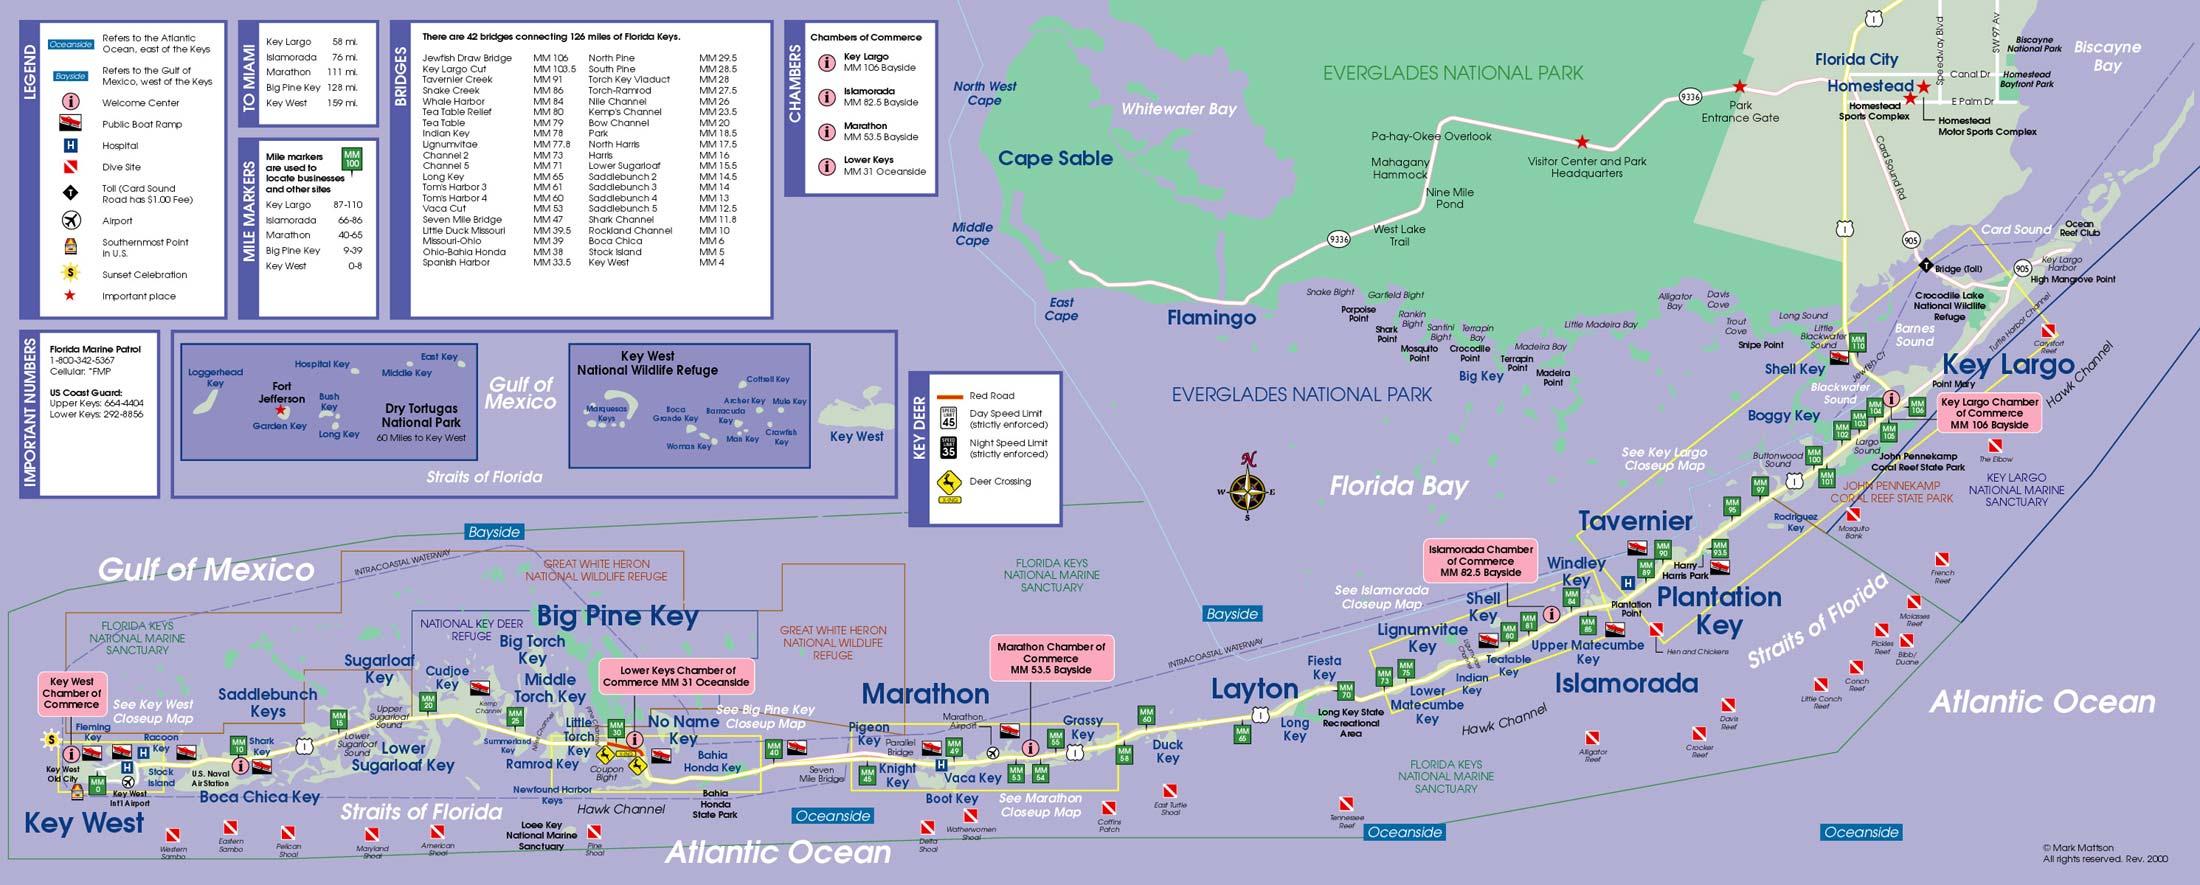 Visiter Les Keys, Les Plus Belles Îles Et Plages De Floride - Florida Keys Islands Map